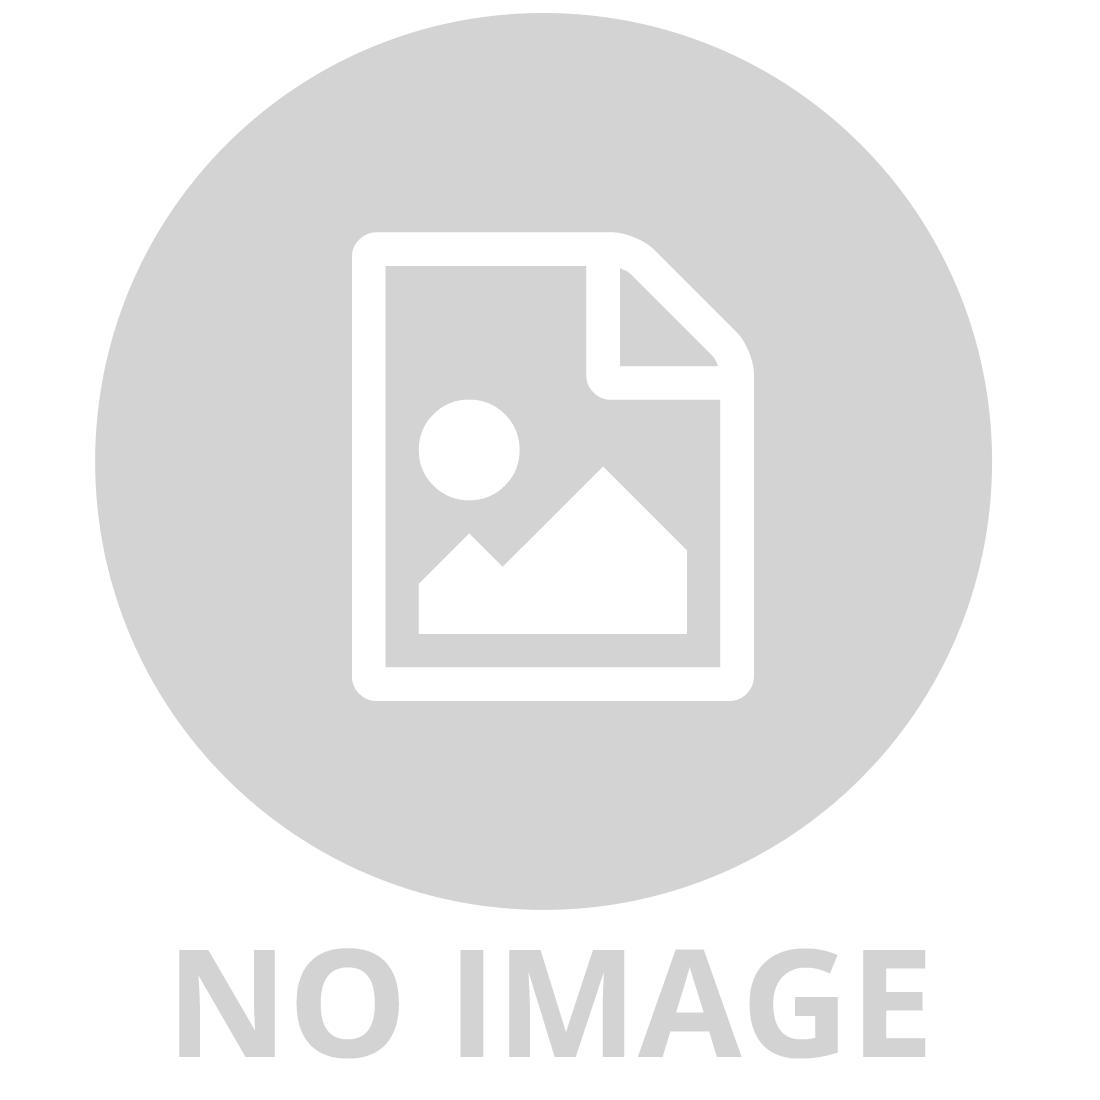 K & S ROUND BRASS TUBE 19/32 (15.08mm)